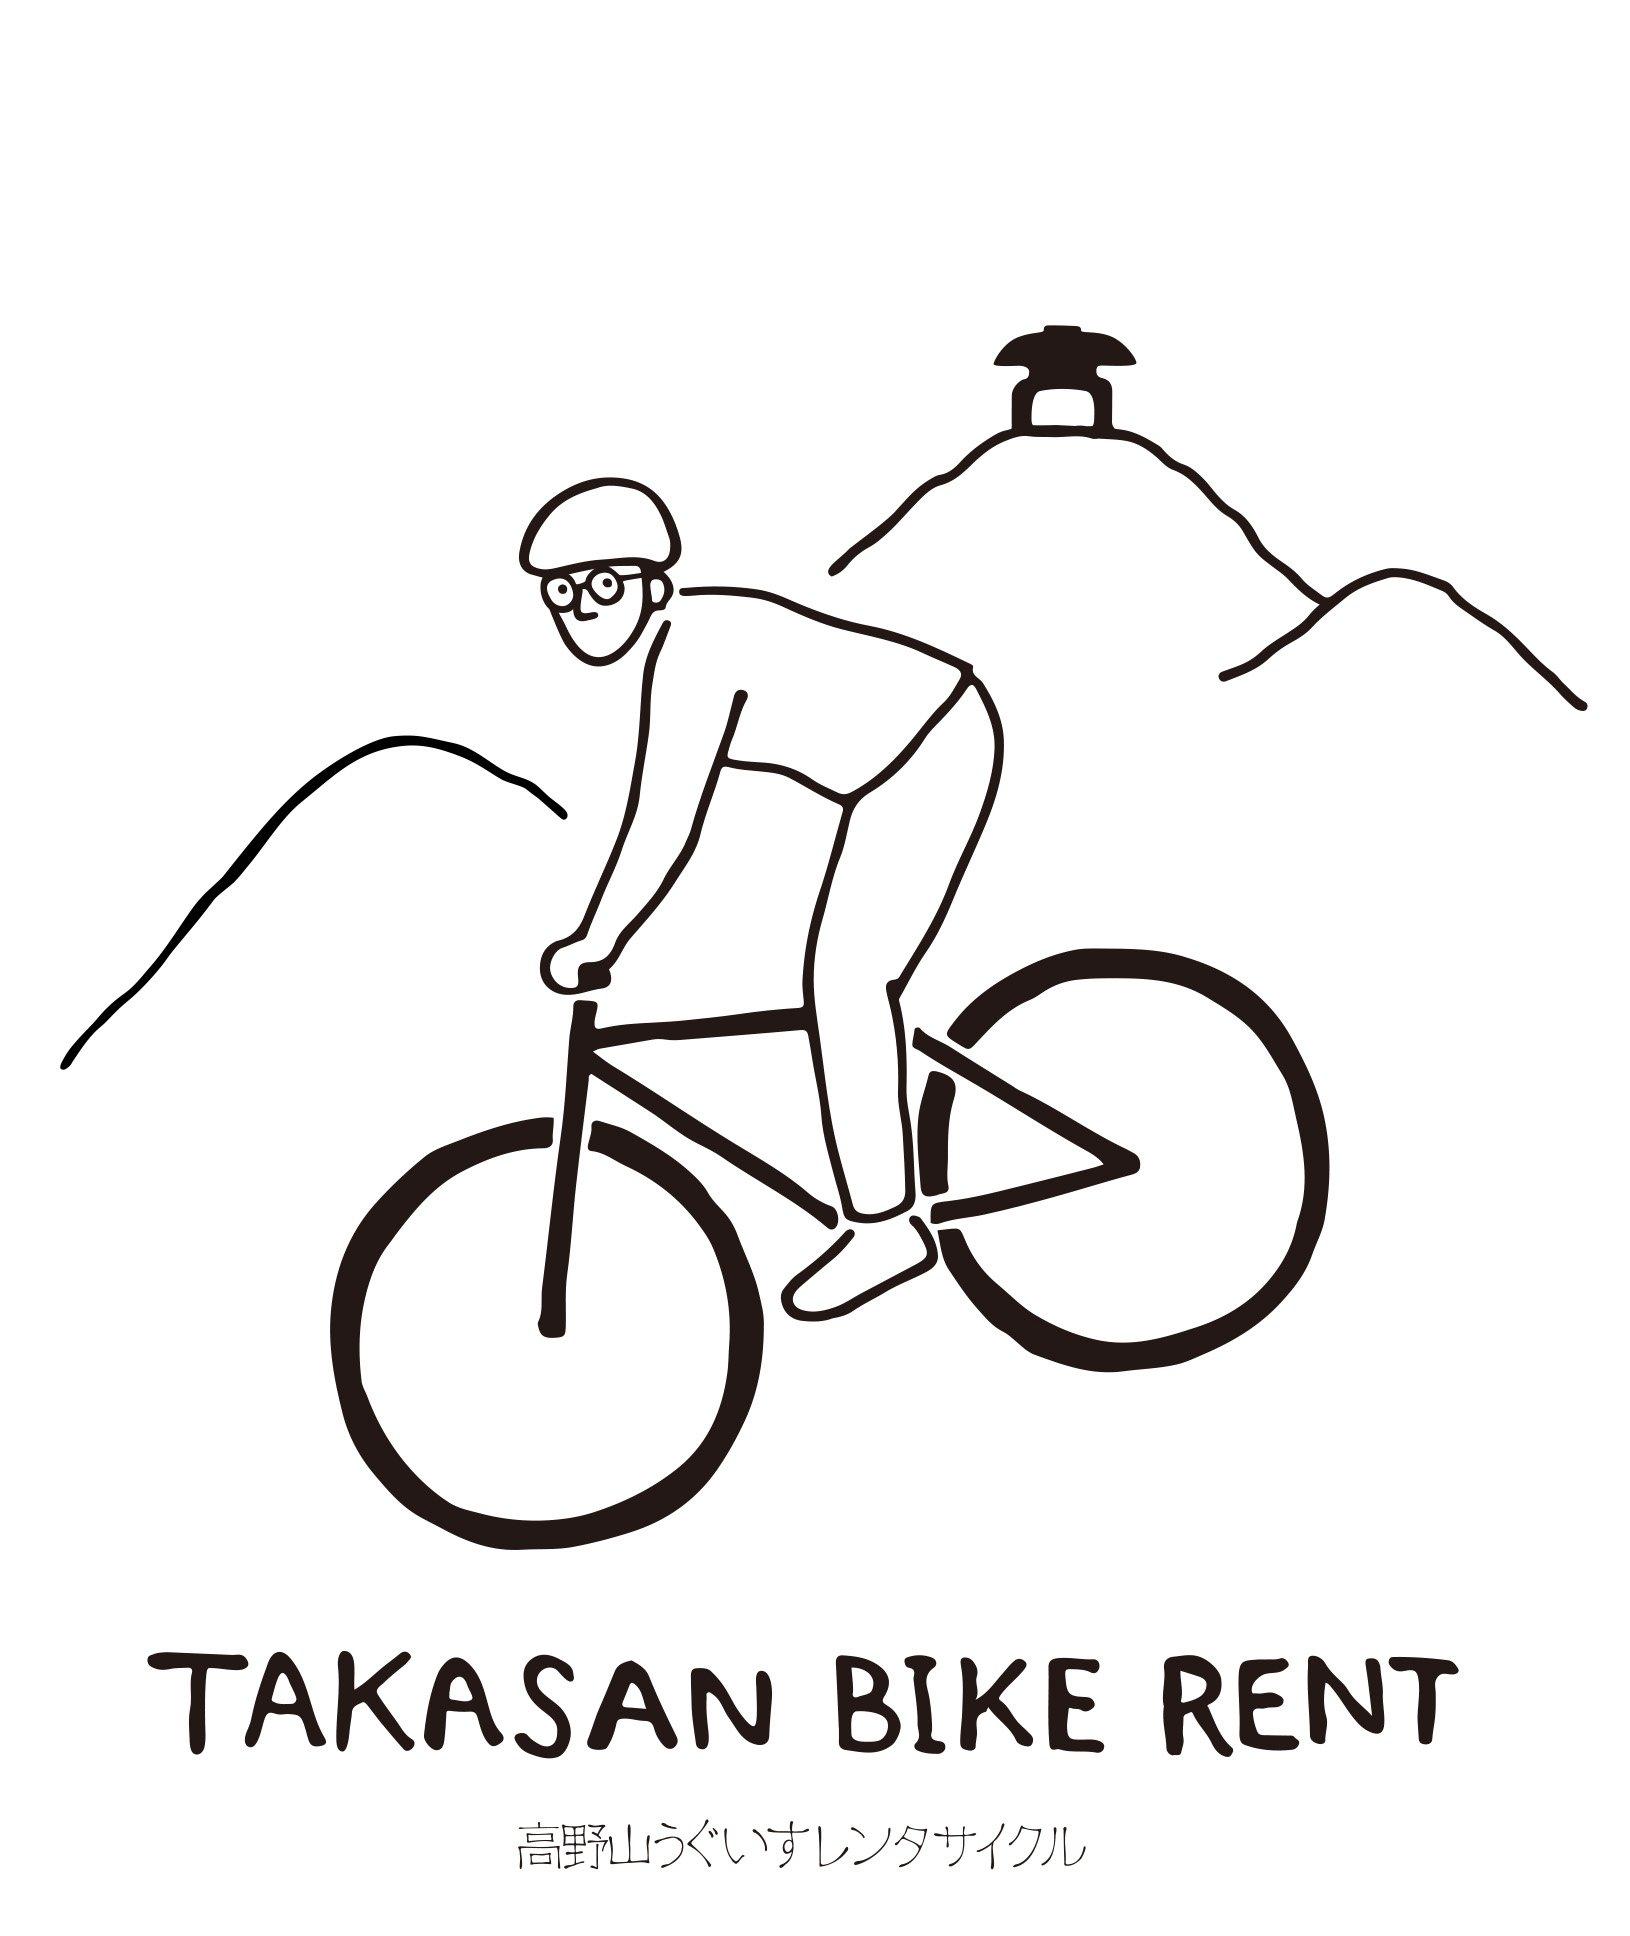 うぐいすレンタサイクル(Takasan Bike Rent)